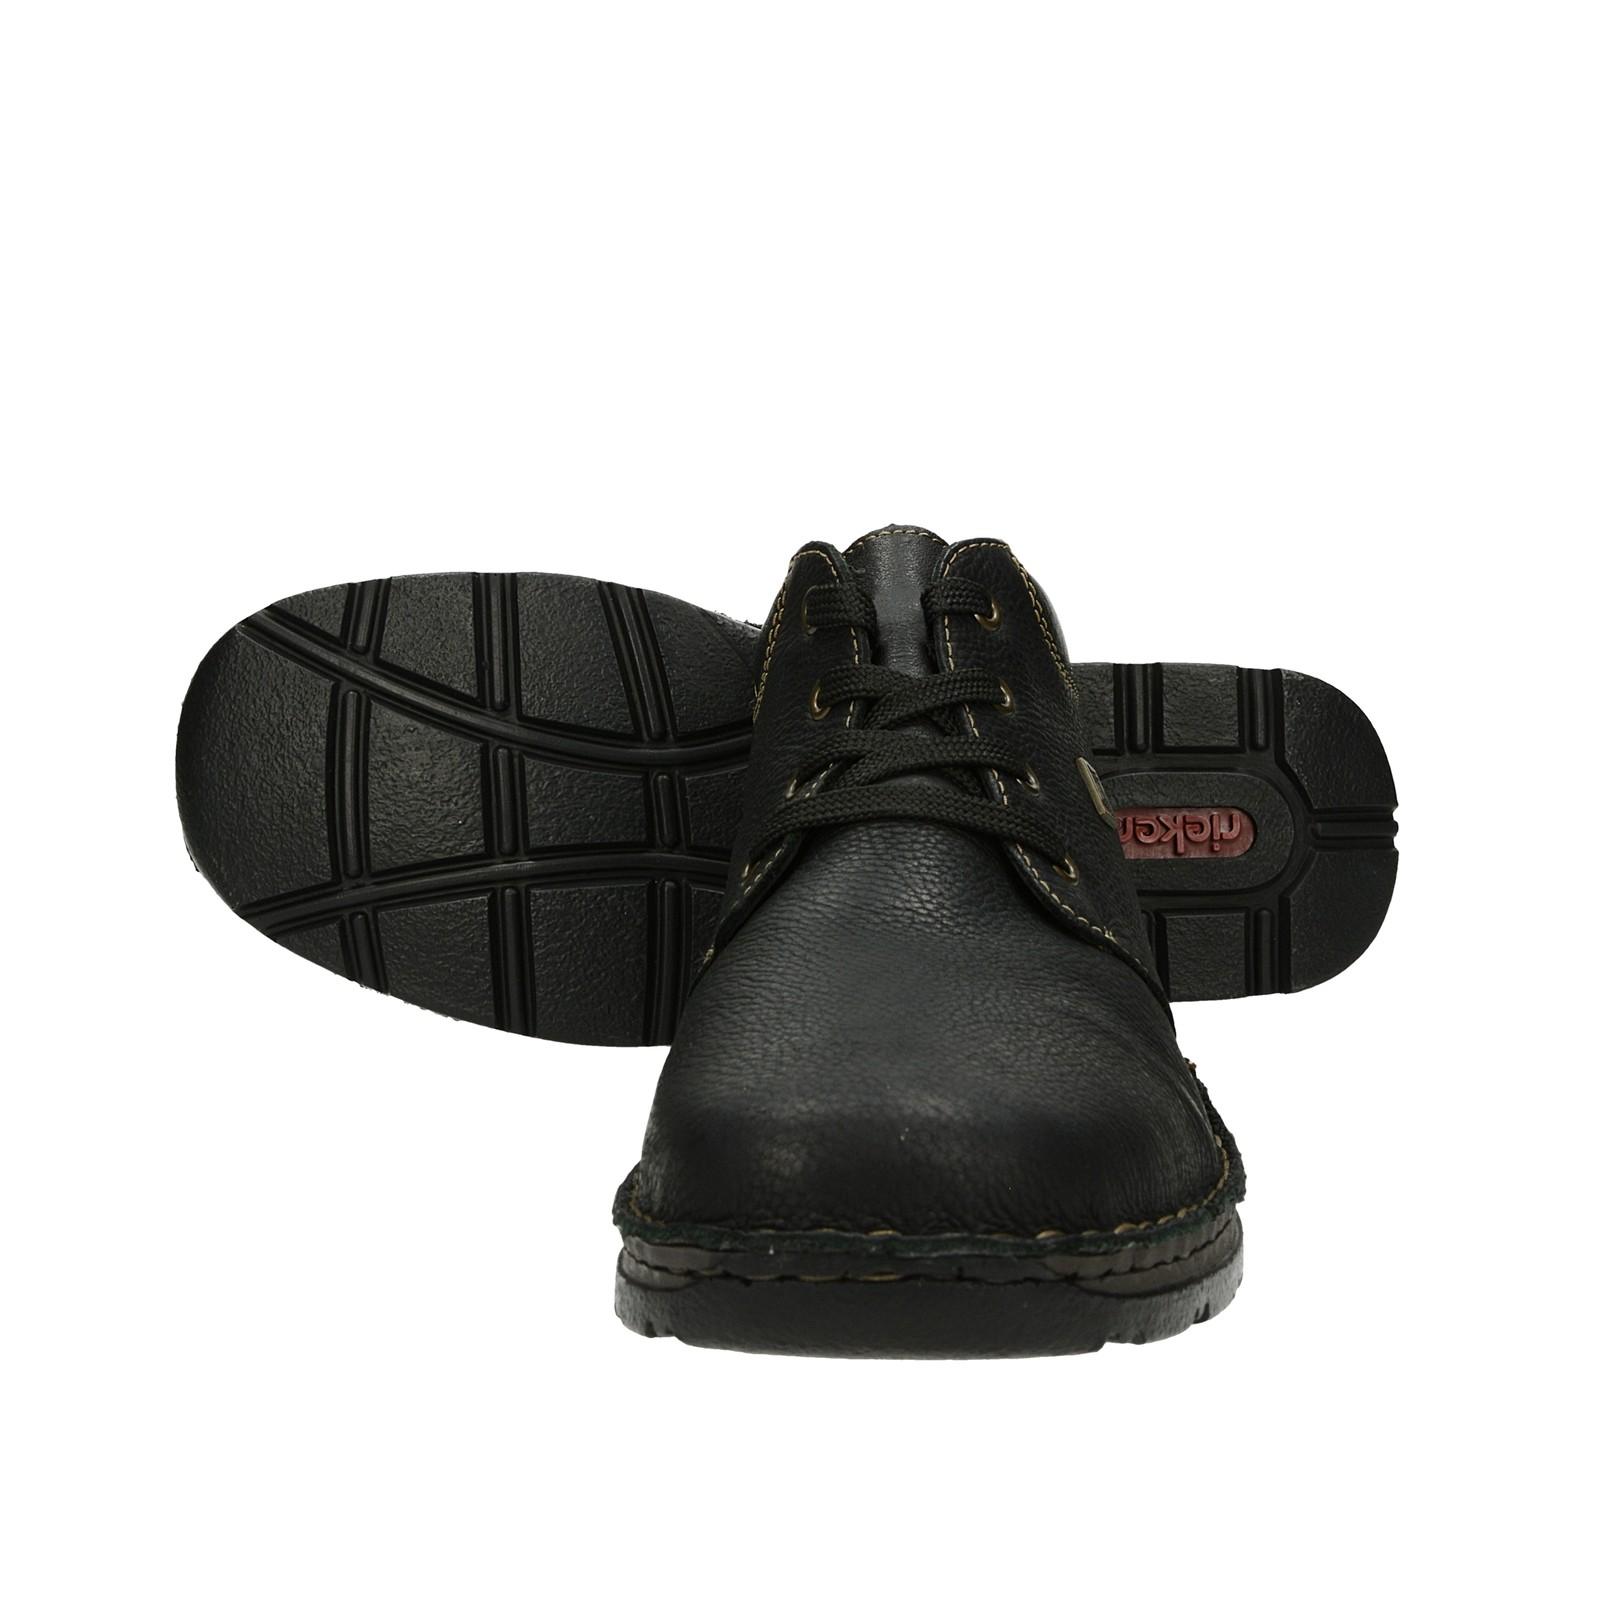 ... Rieker pánské zimní boty - černé ... e6eddf16d2